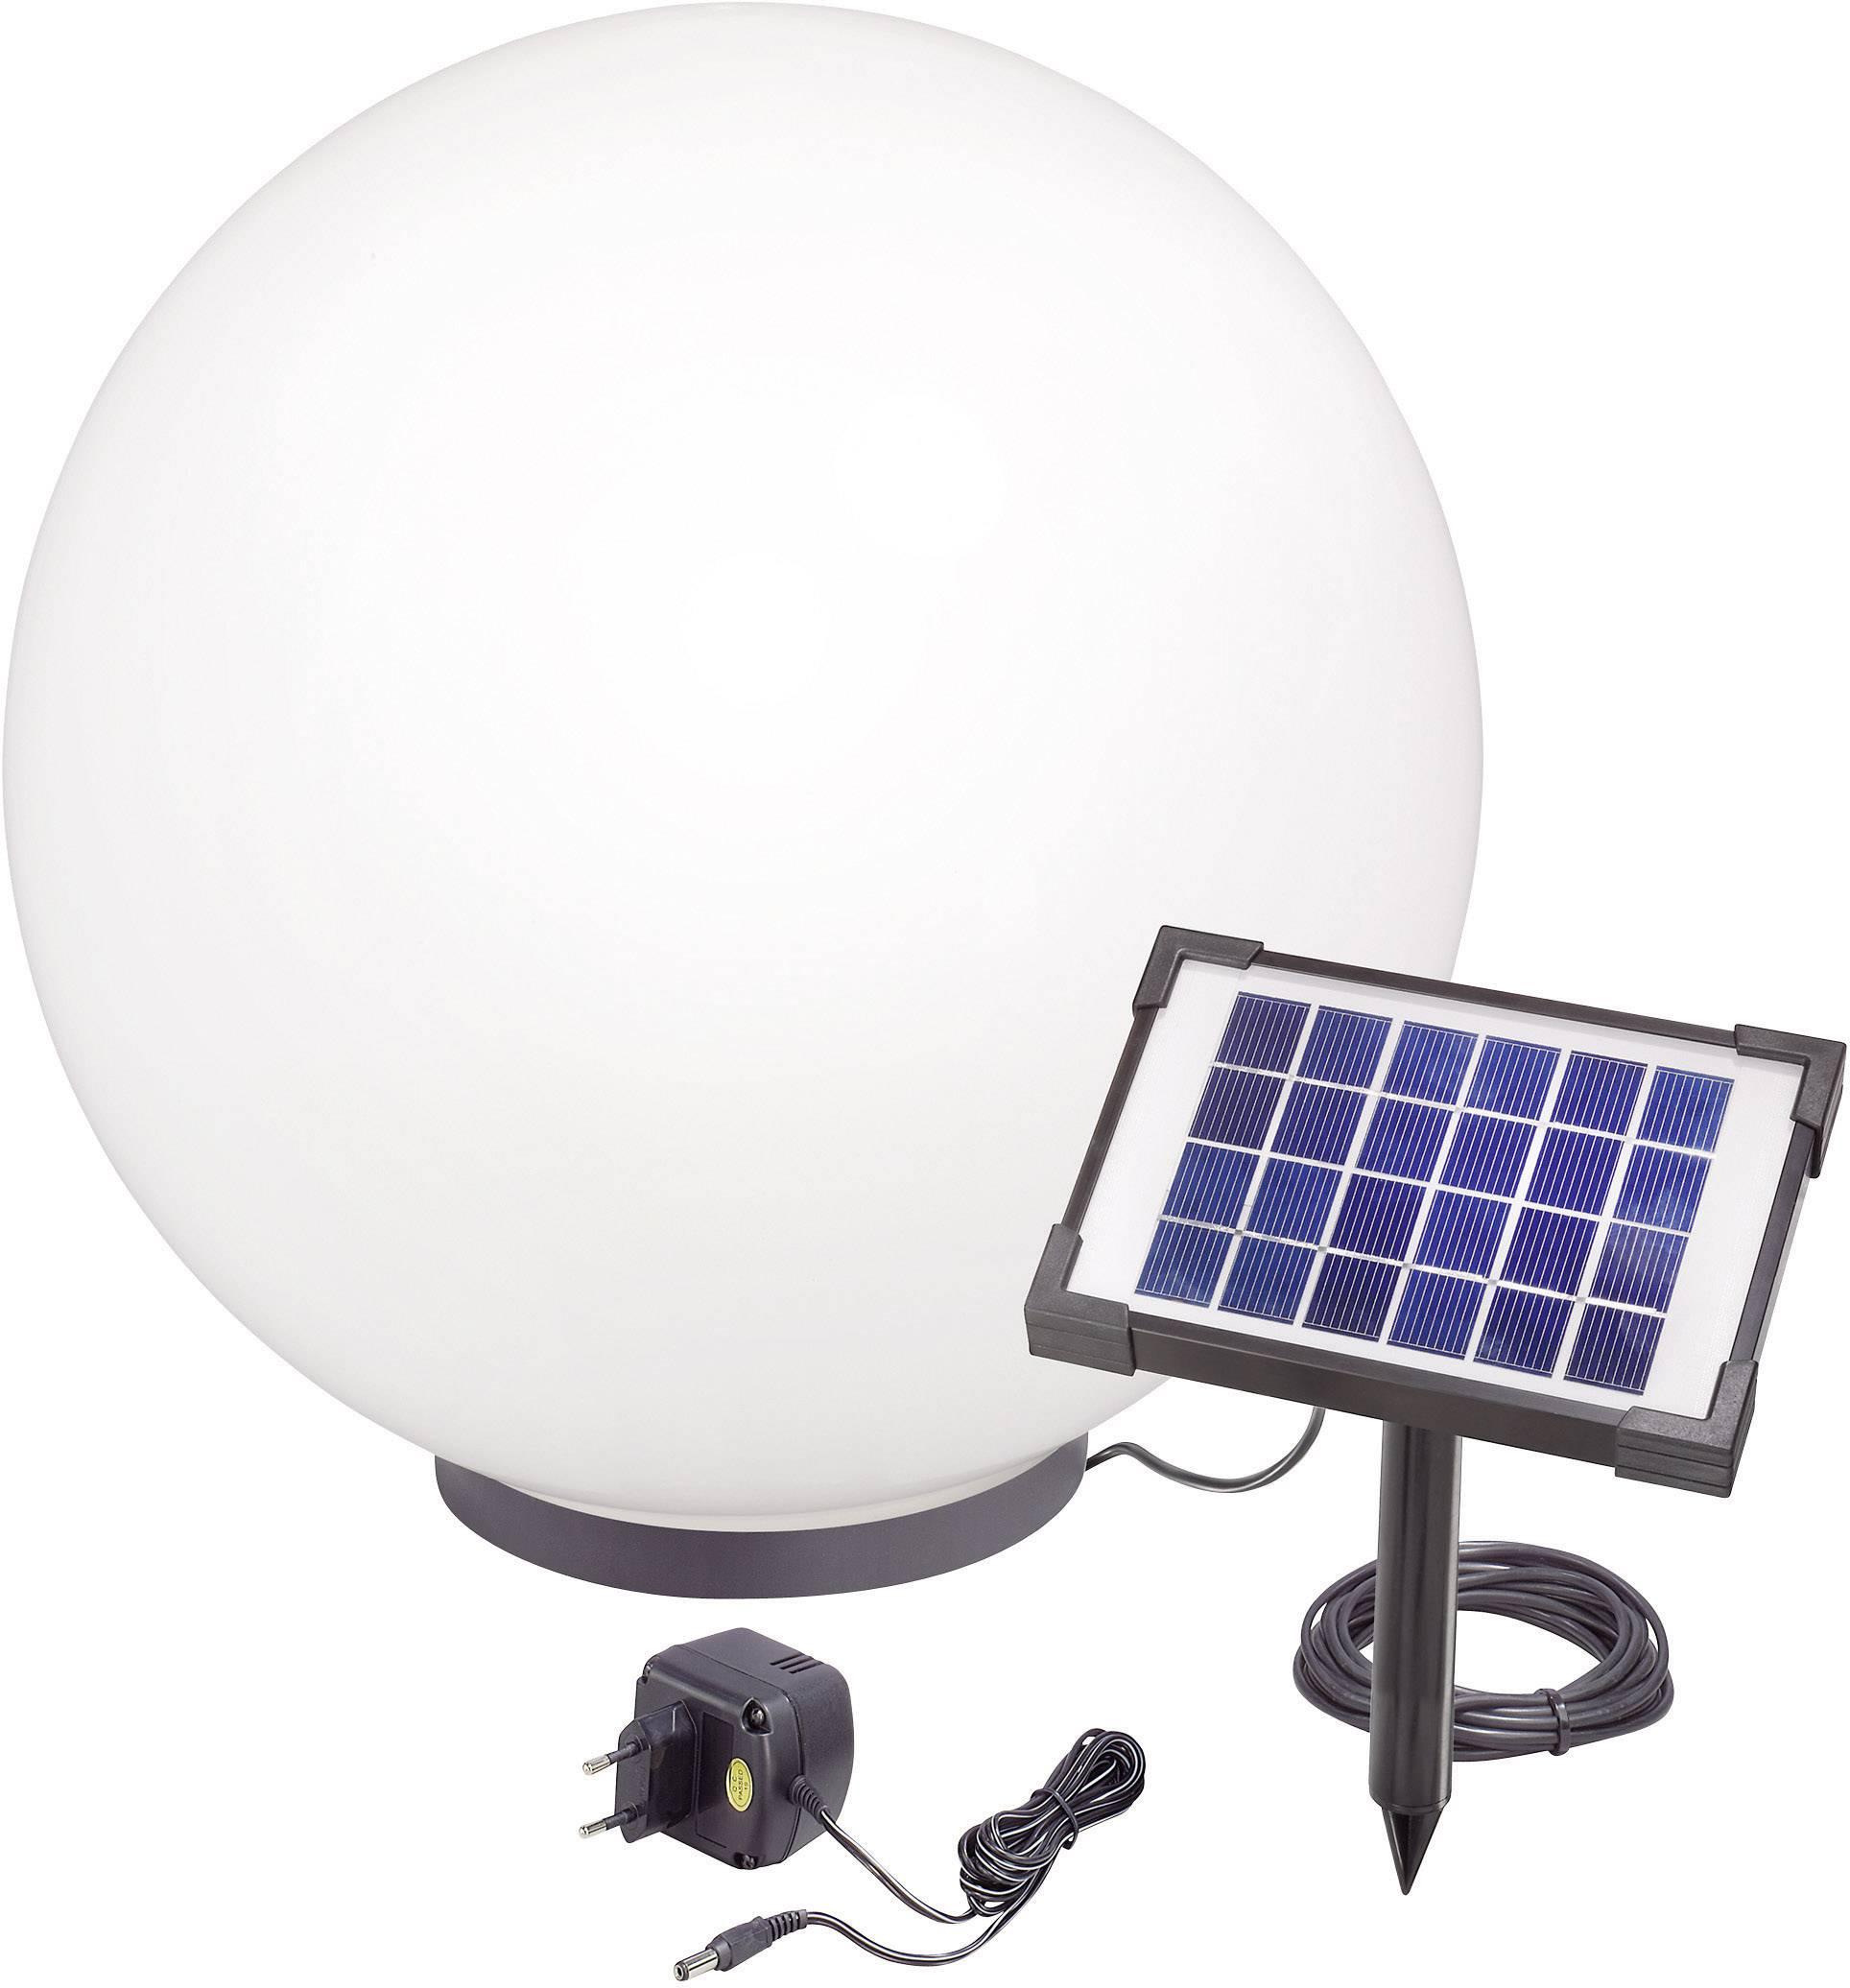 LED solárna guľa Esotec Mega 50 106040, vonkajší Ø 50 cm, čierna, biela, RGB